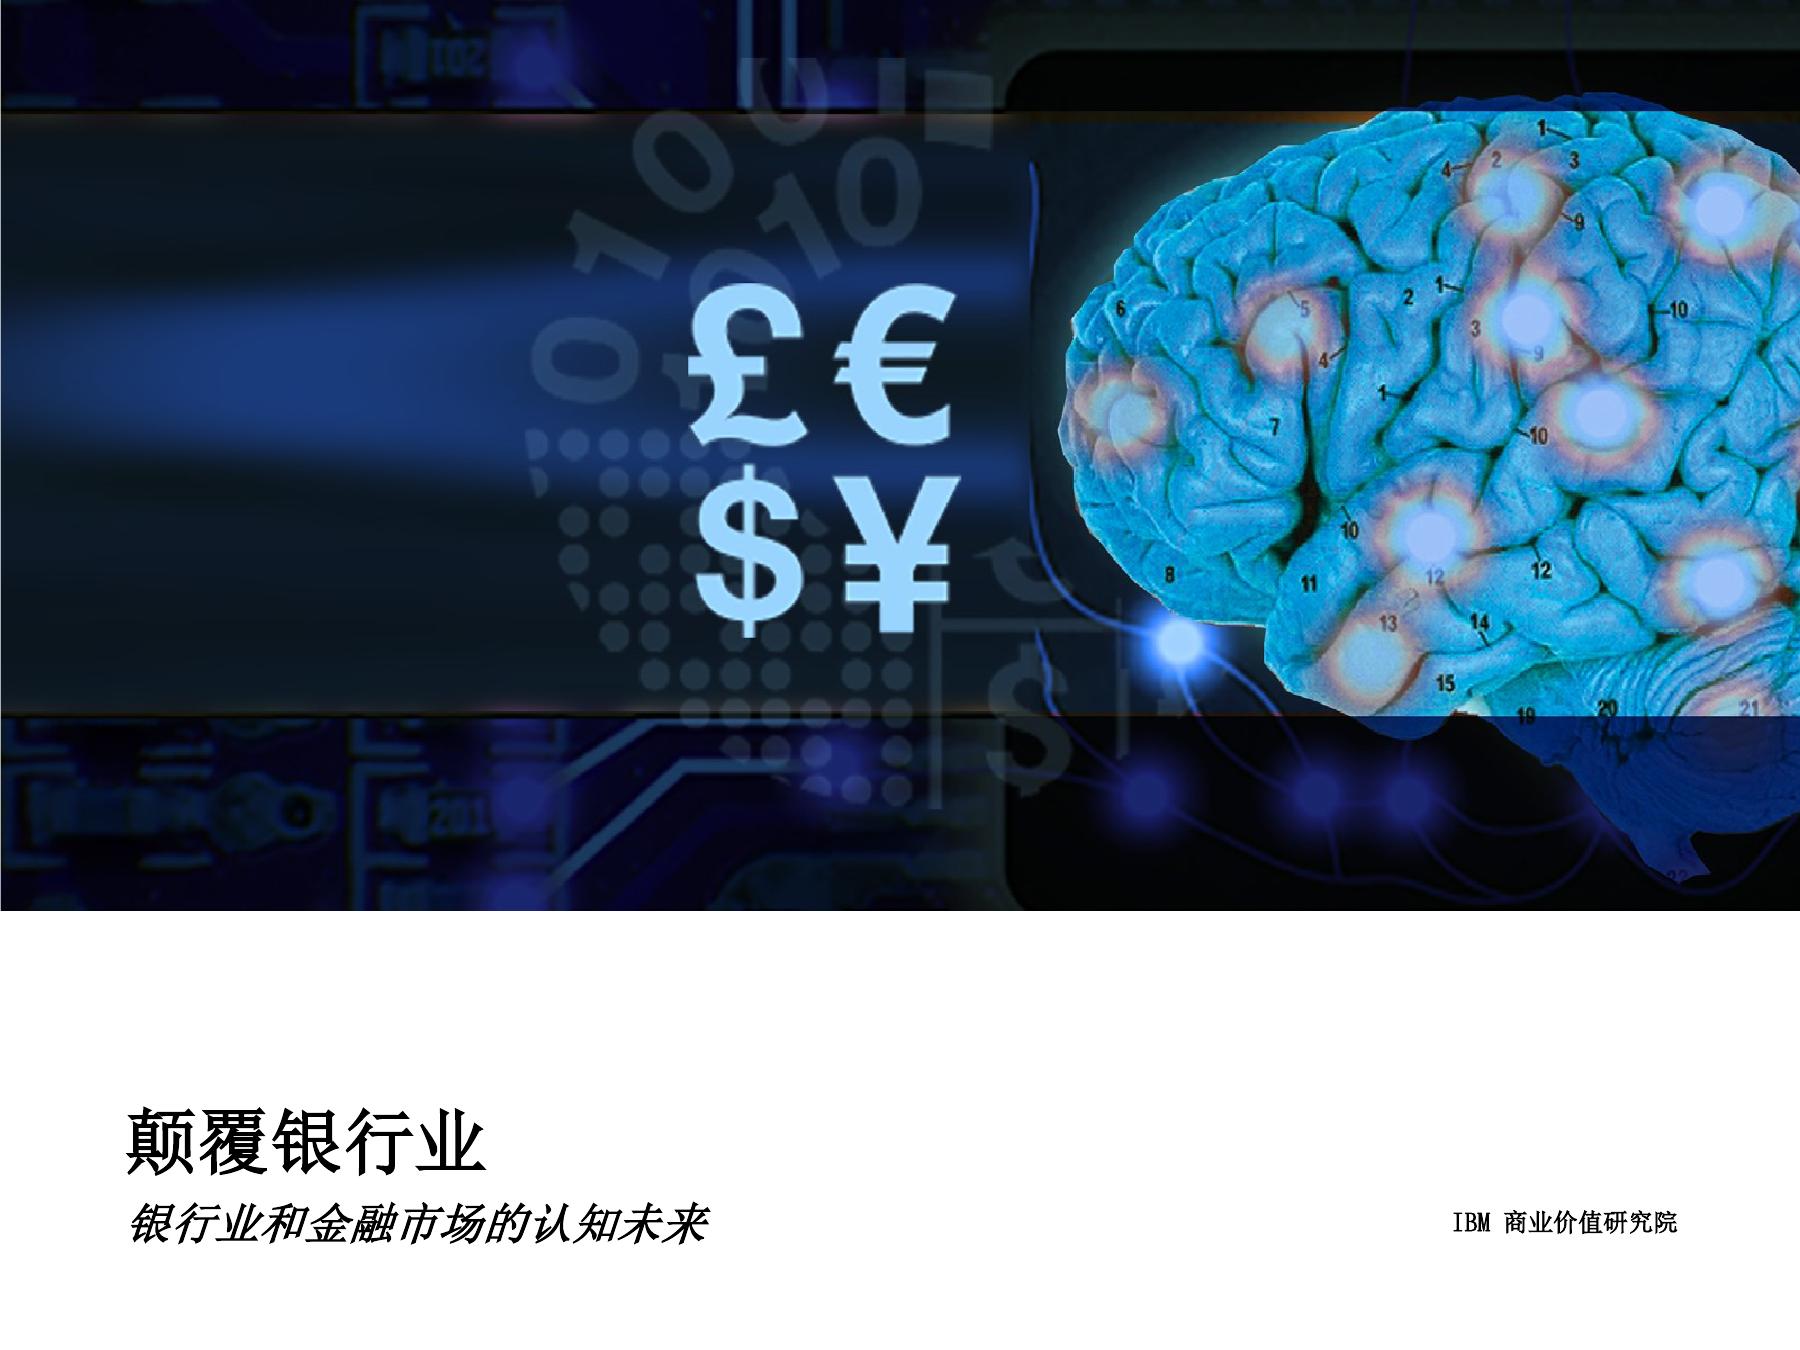 颠覆银行业:银行业和金融市场的认知未来_000001